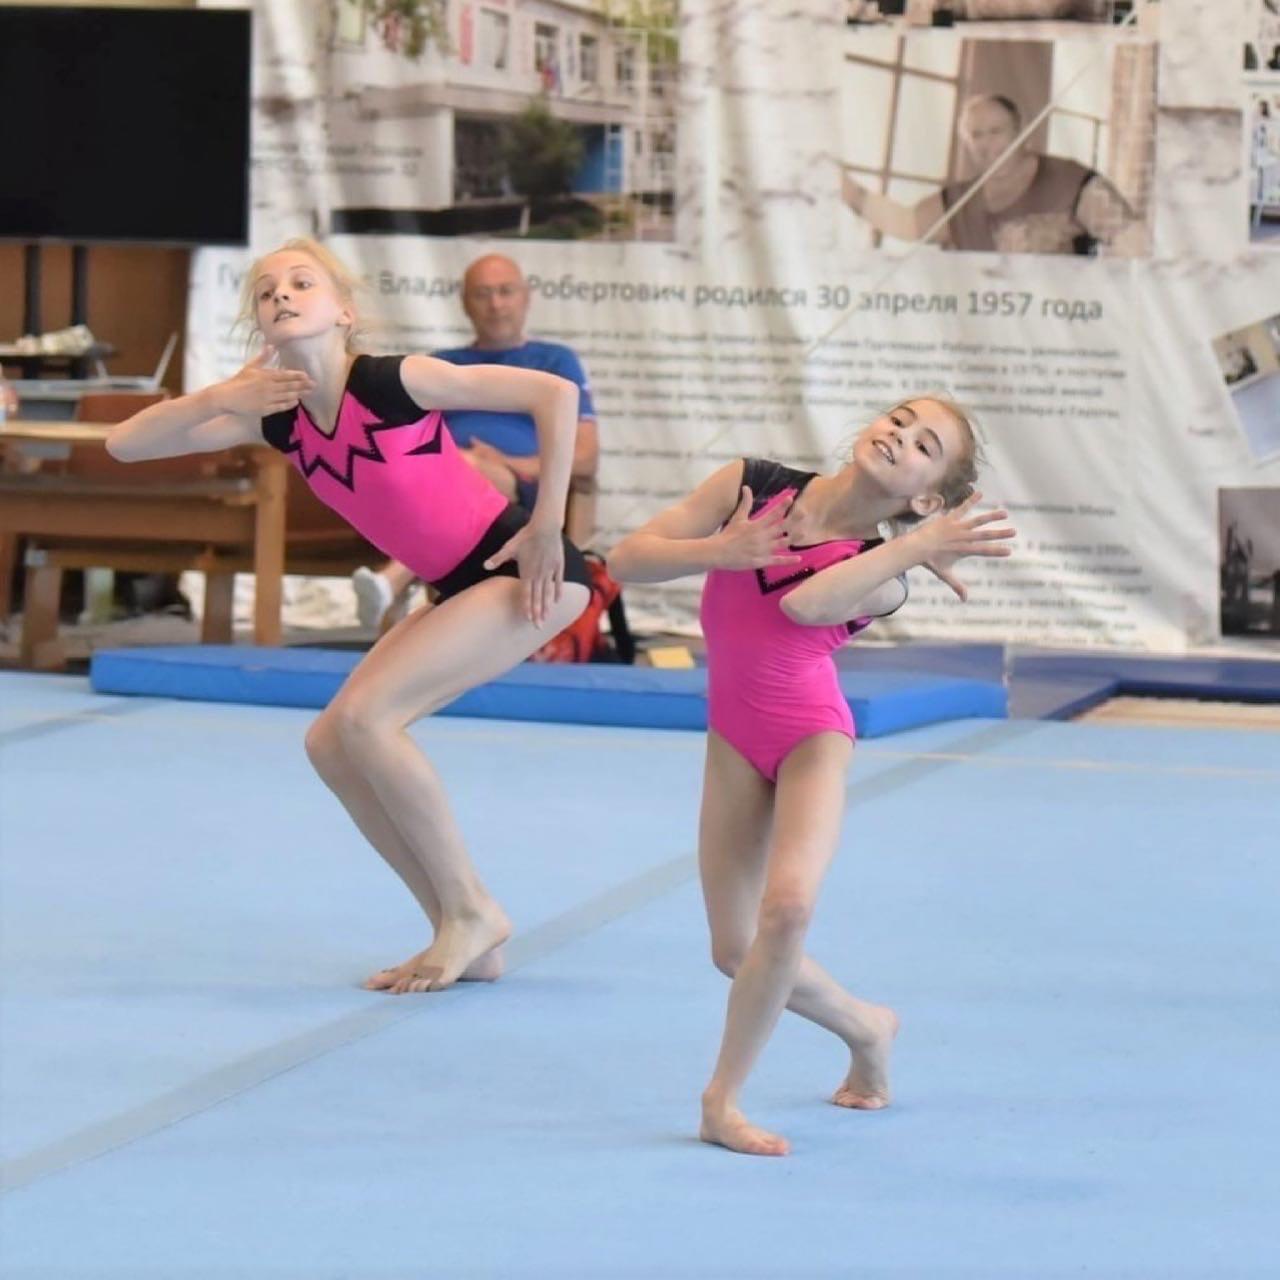 Ярославские гимнастки выиграли первенство планеты по спортивной акробатике